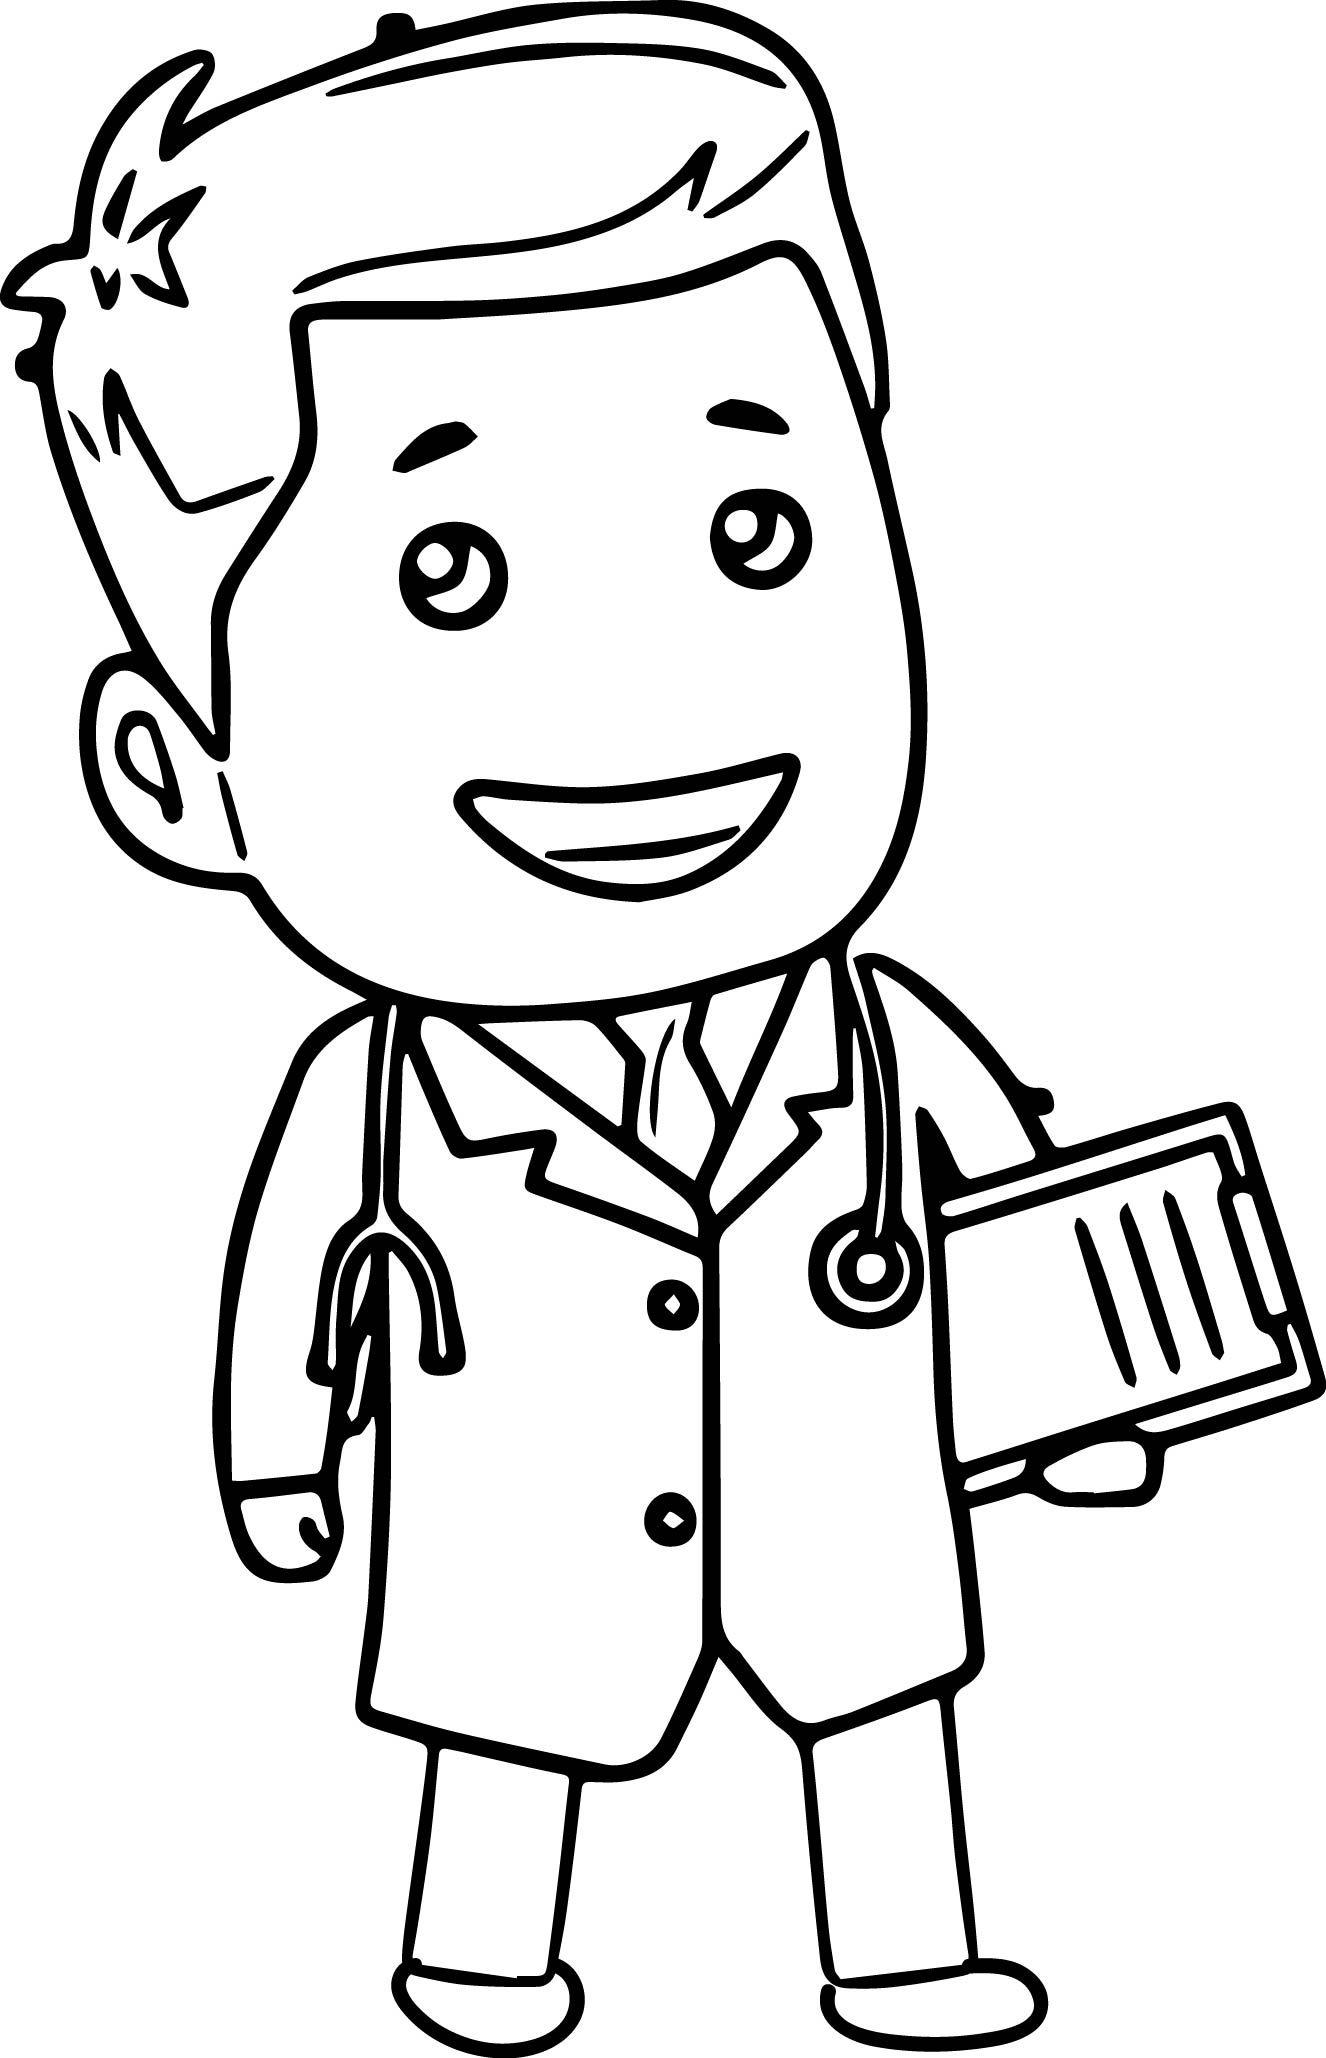 tranh tô màu cho bé 3 tuổi - tranh tô màu bác sĩ